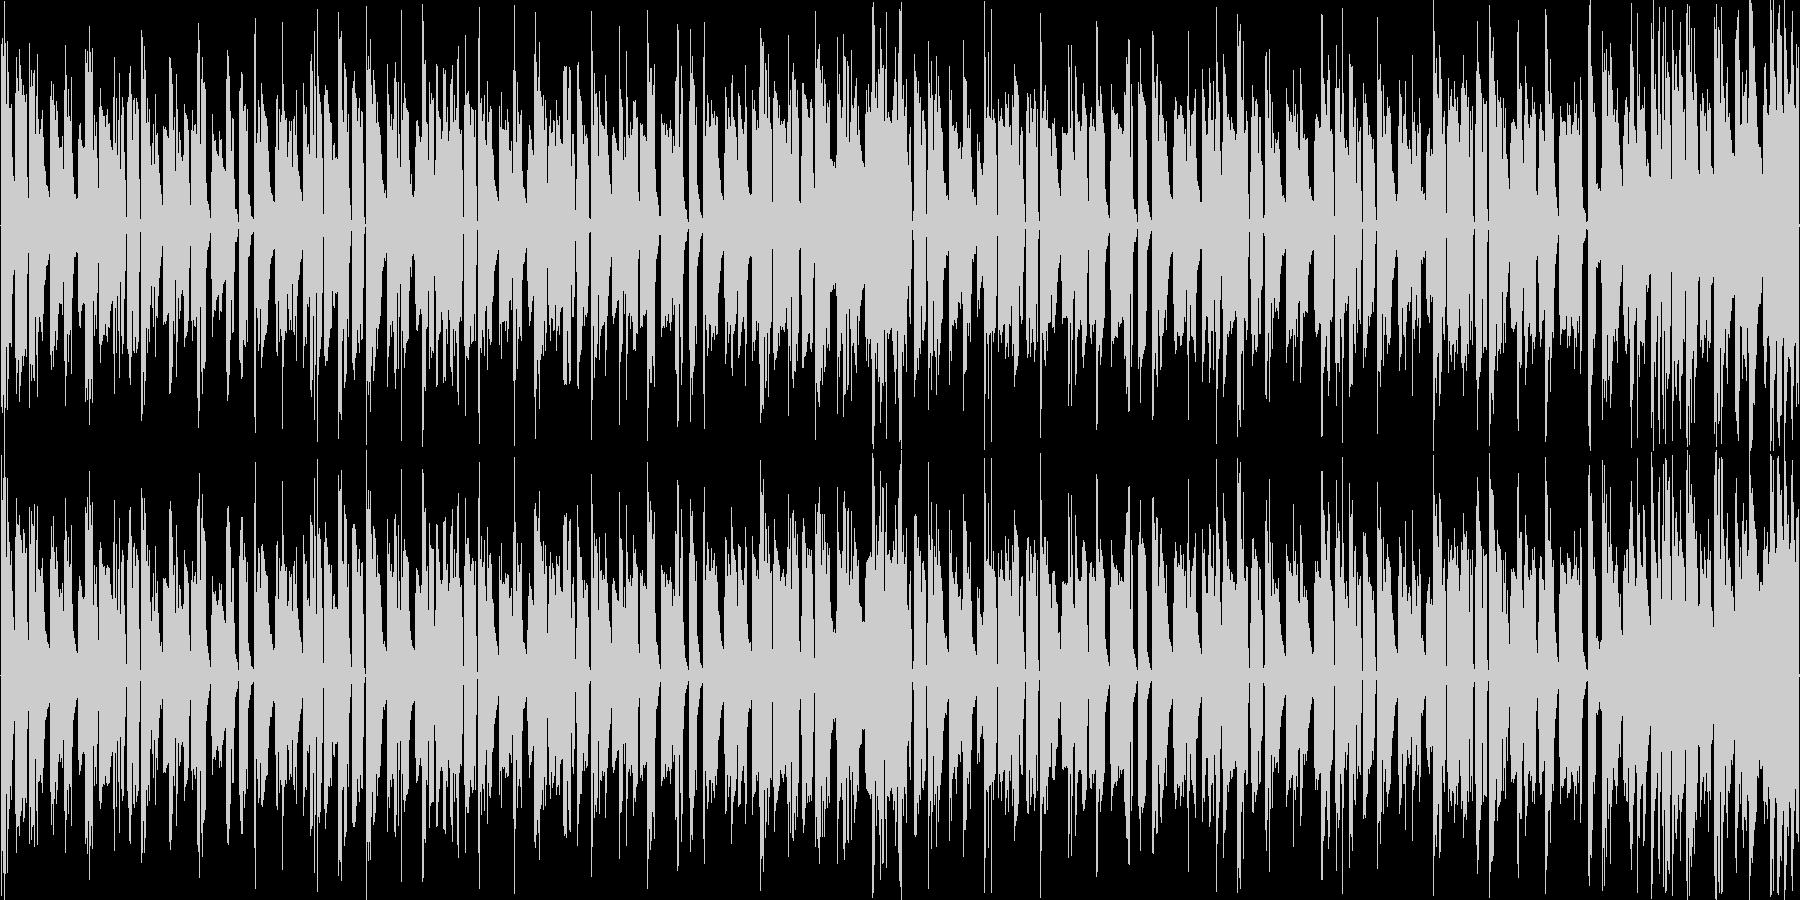 リズムを強調した軽快なエレクトロニカの未再生の波形